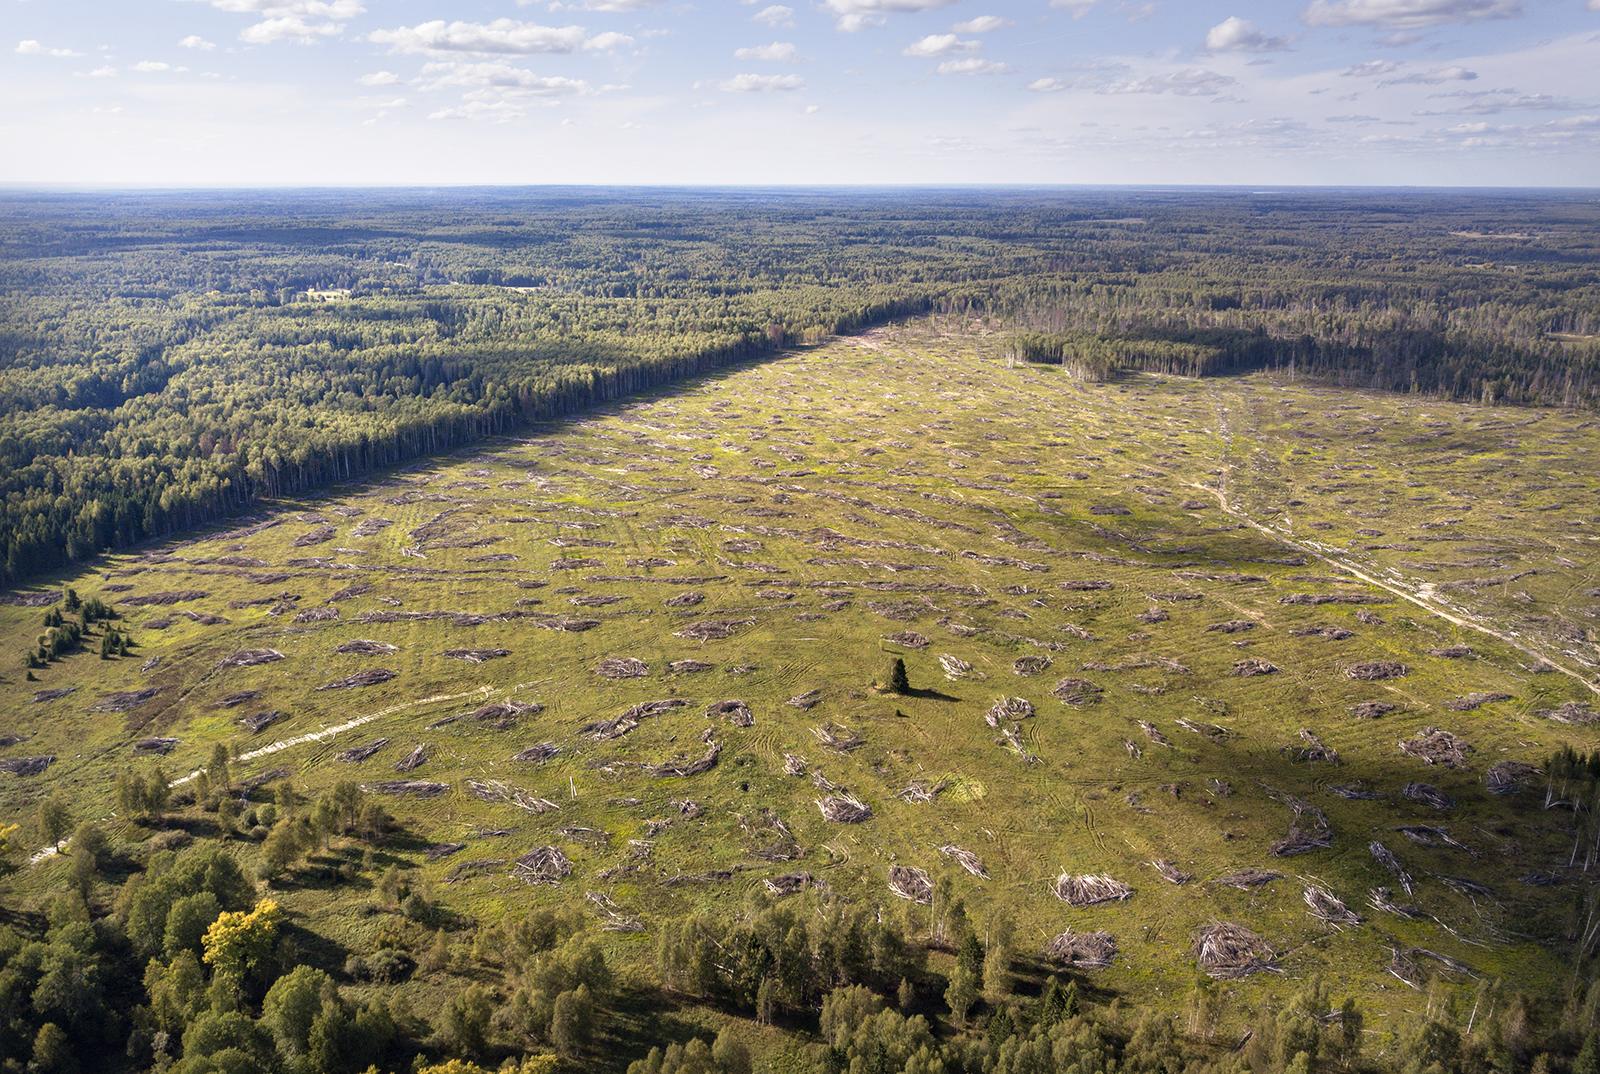 Logging in forest in Russia © Vilen Lupachik/Greenpeaec